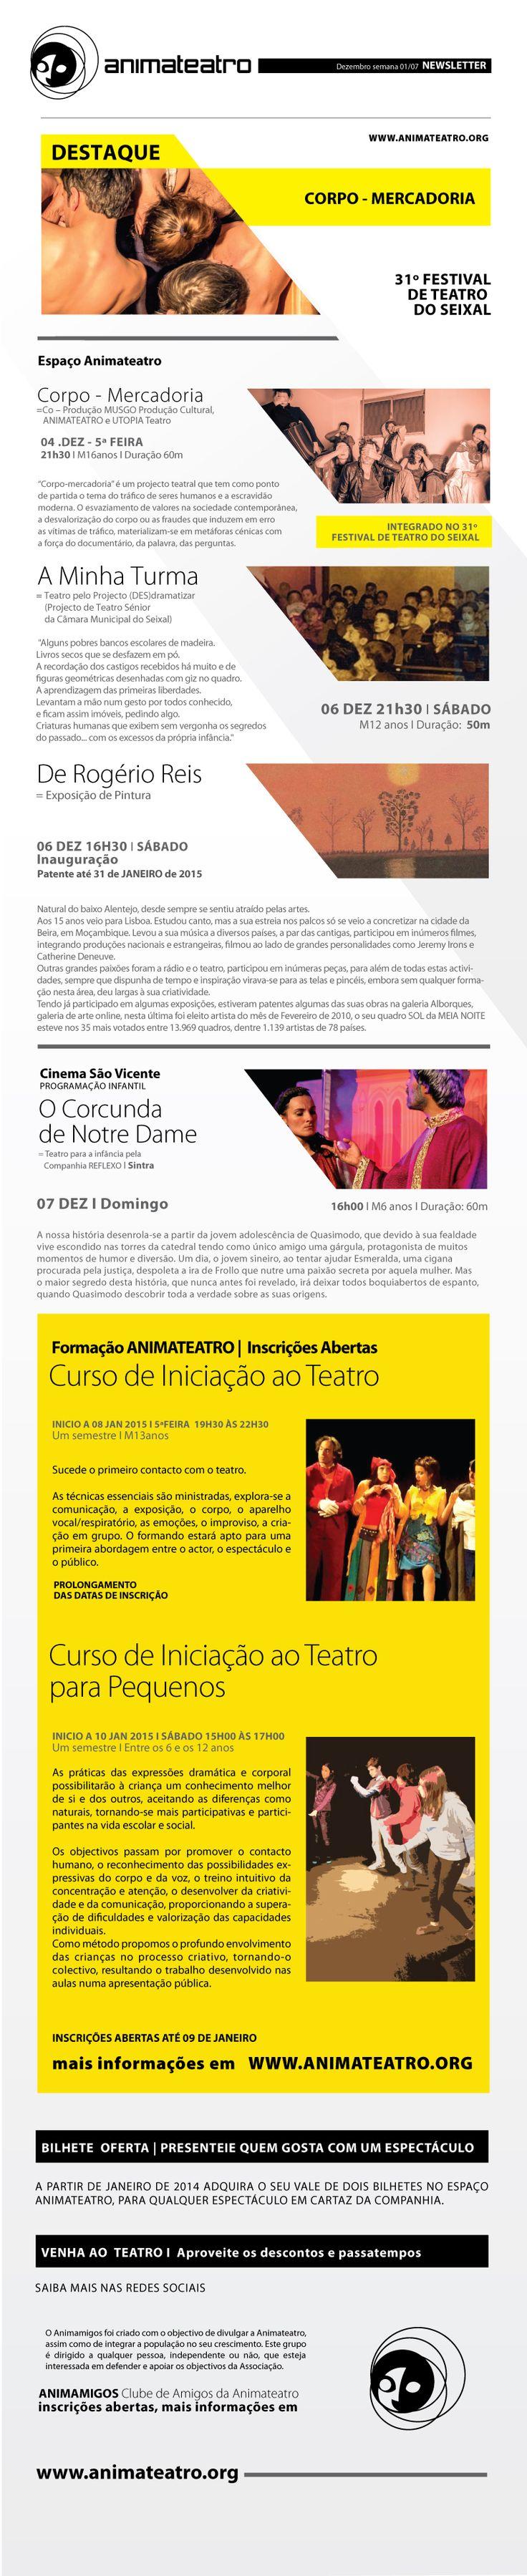 Programação para esta semana no Espaço ANIMATEATRO: CORPO-MERCADORIA integrado no Festival de Teatro do Seixal | DE ROGÉRIO REIS inauguração da exposição de pintura homónima do autor, patente até 31 de Janeiro de 2015 | A MINHA TURMA projecto de teatro sénior DESdramatizar | e no Auditório Cinema São Vicente: O CORCUNDA DE NOTRE DAME para toda a família pelo teatro Reflexo.